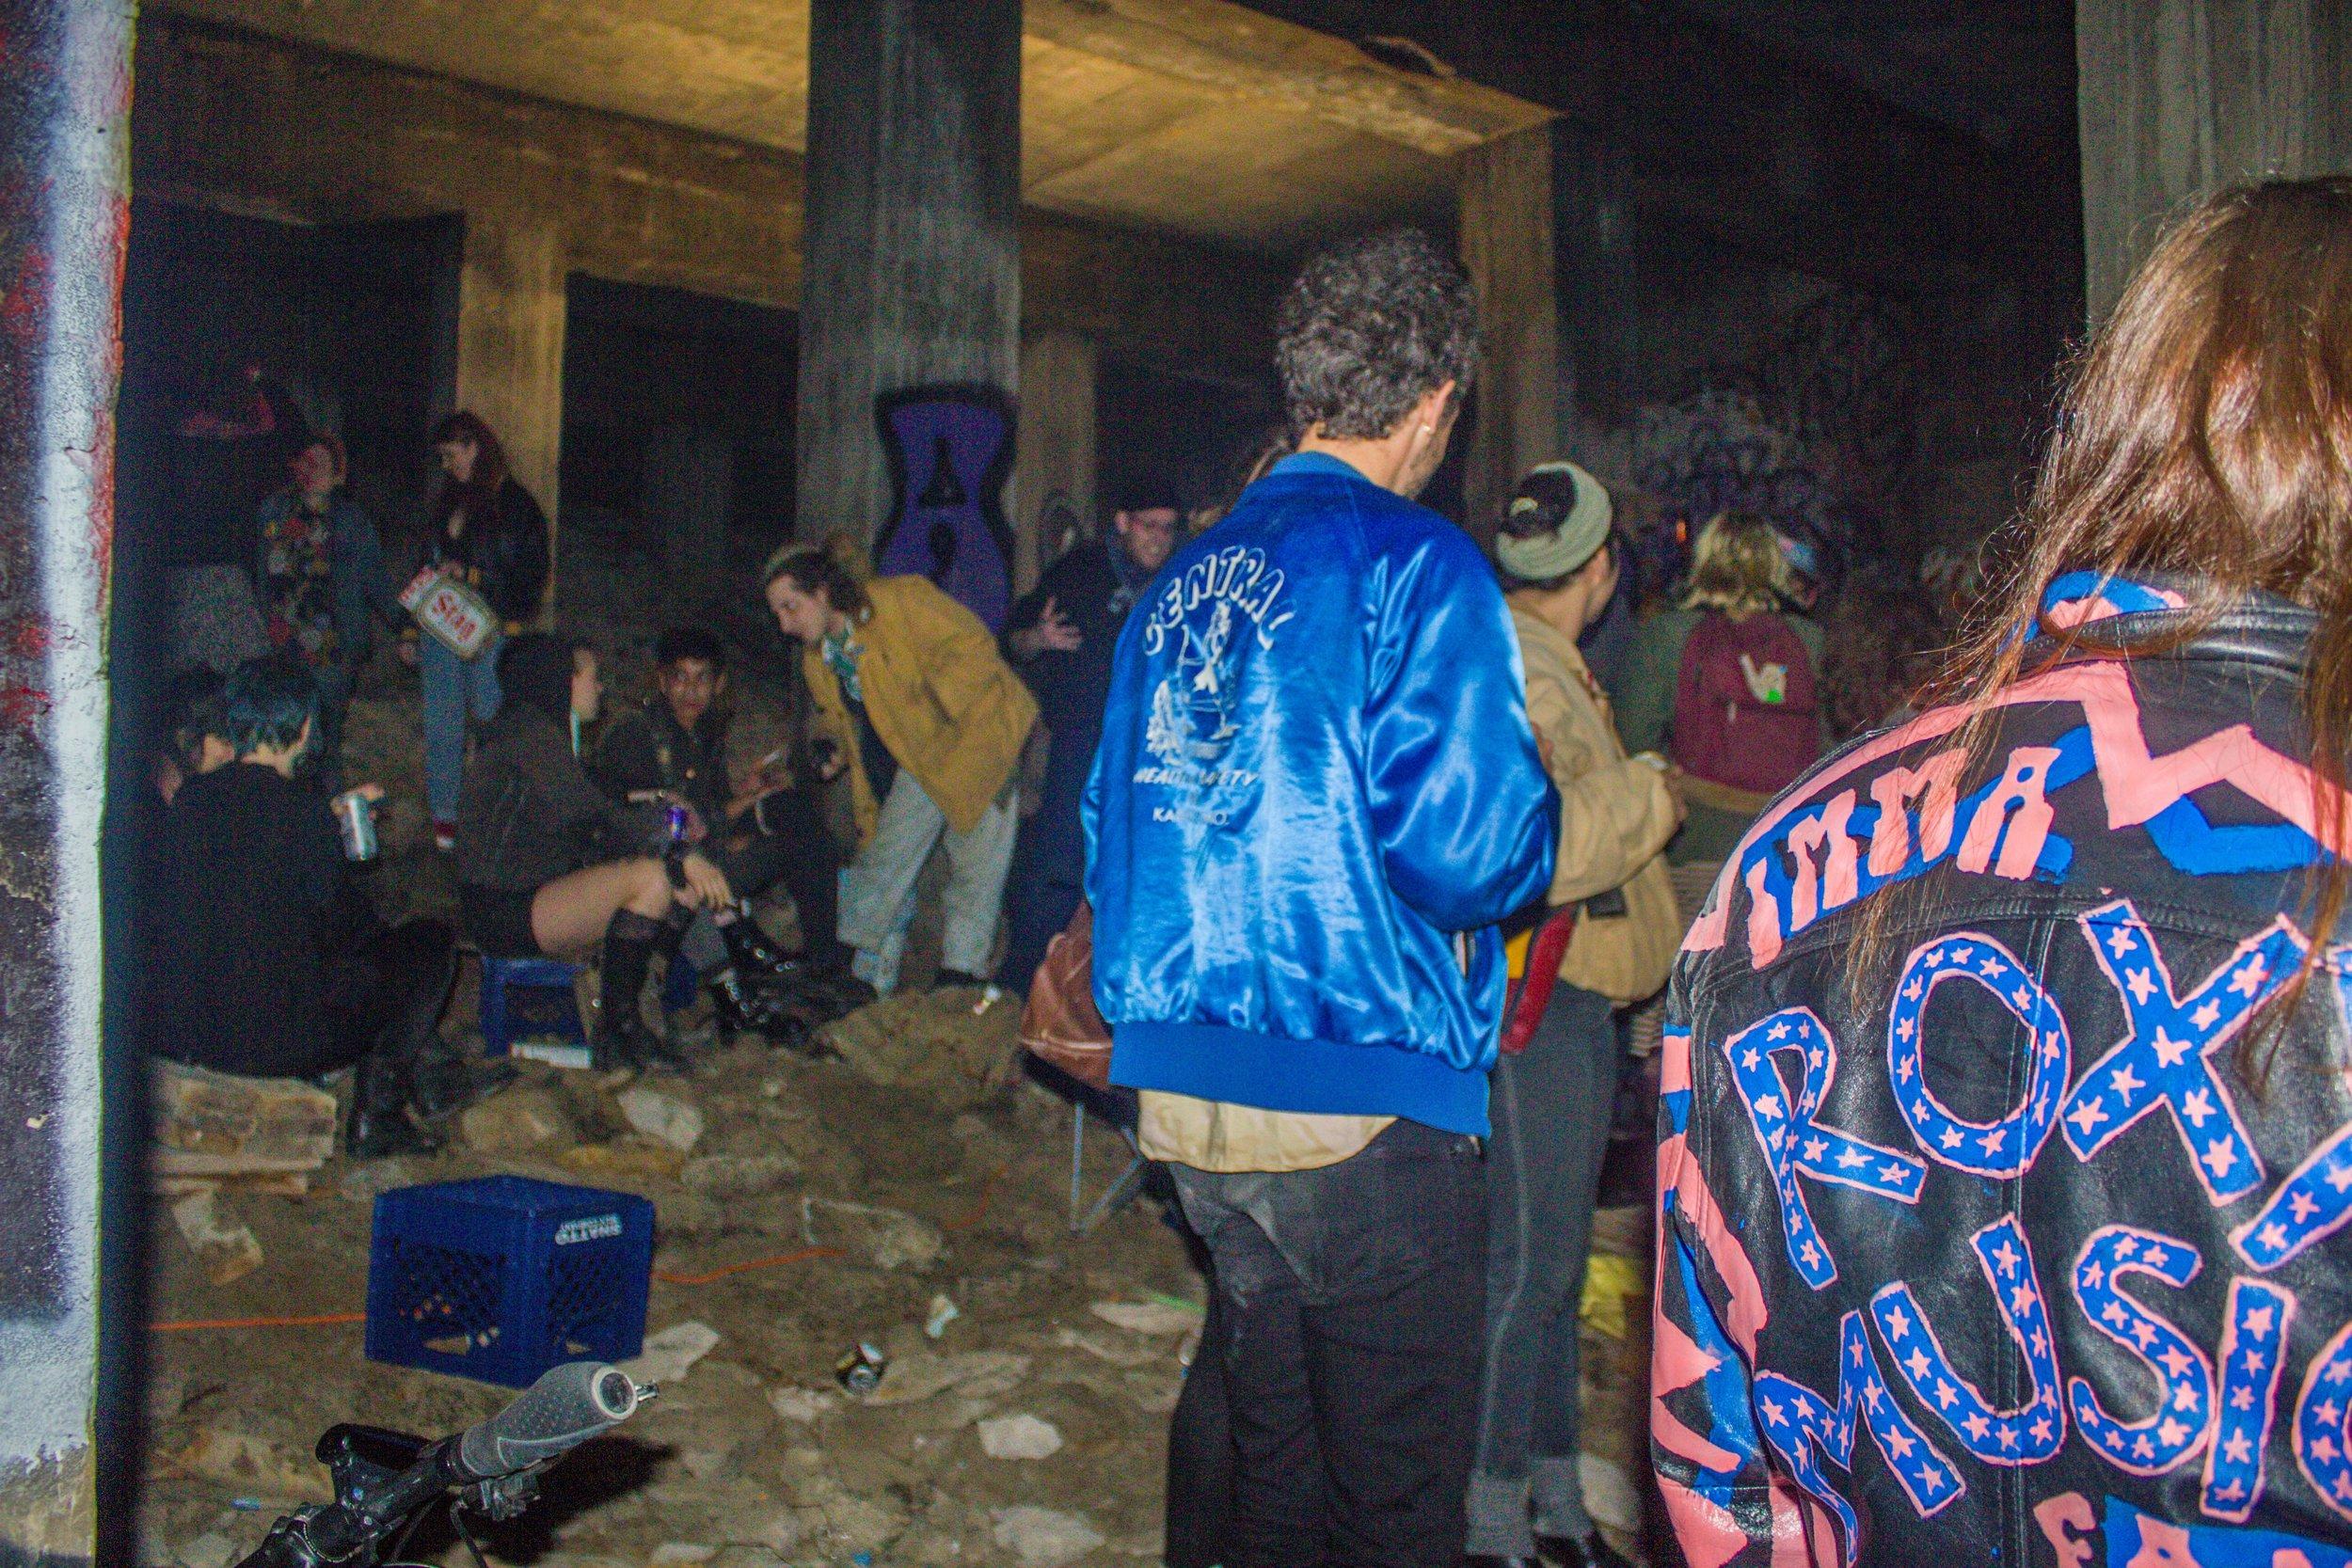 Wastedland 2 Event Photos-35.jpeg